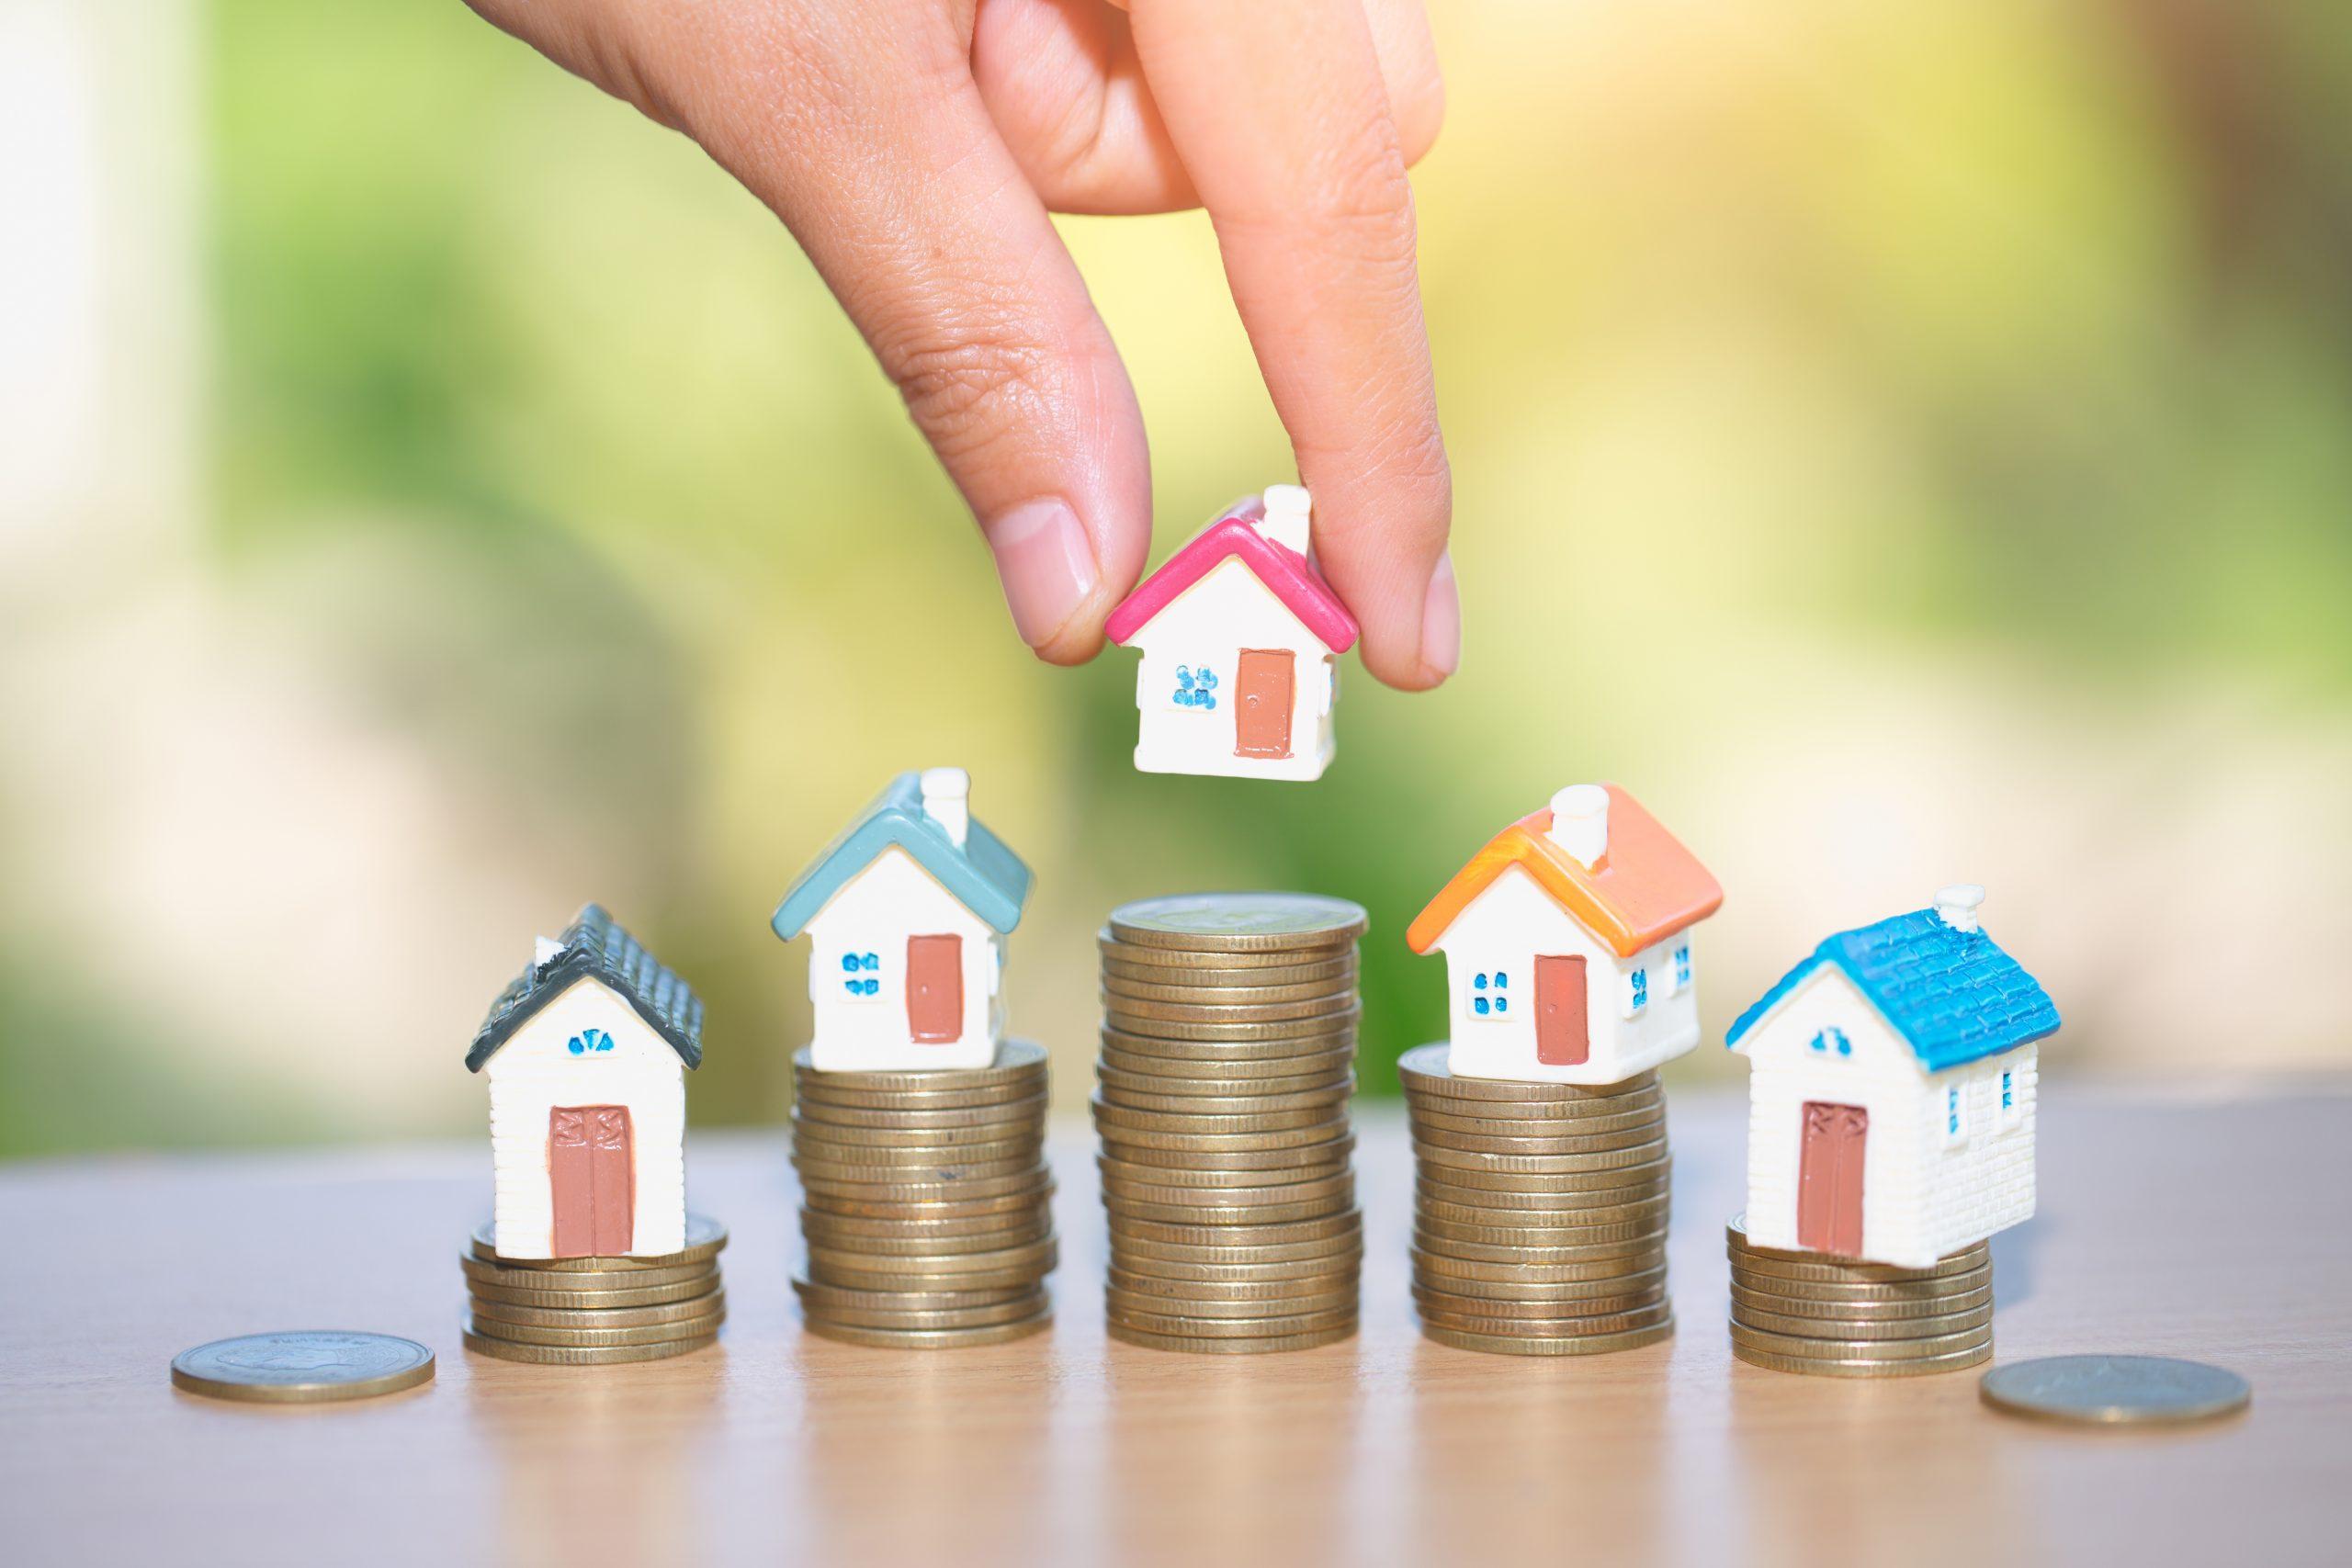 家賃の値上げ・値下げは法律で認められた権利